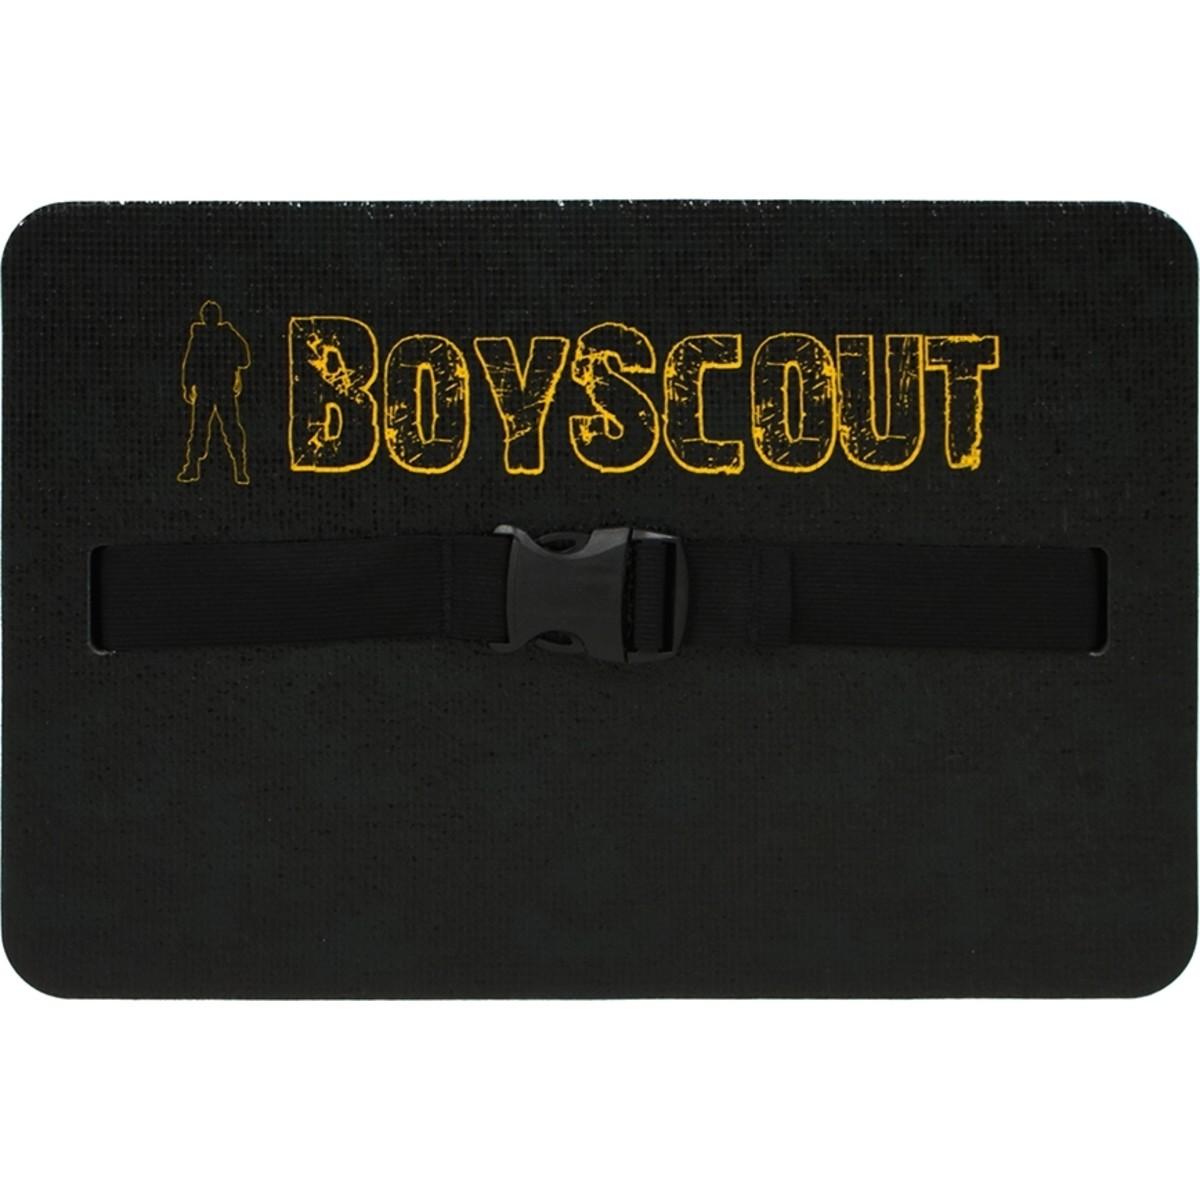 Сидушка туристическая Boyscout 23x35 см толщина 20 мм